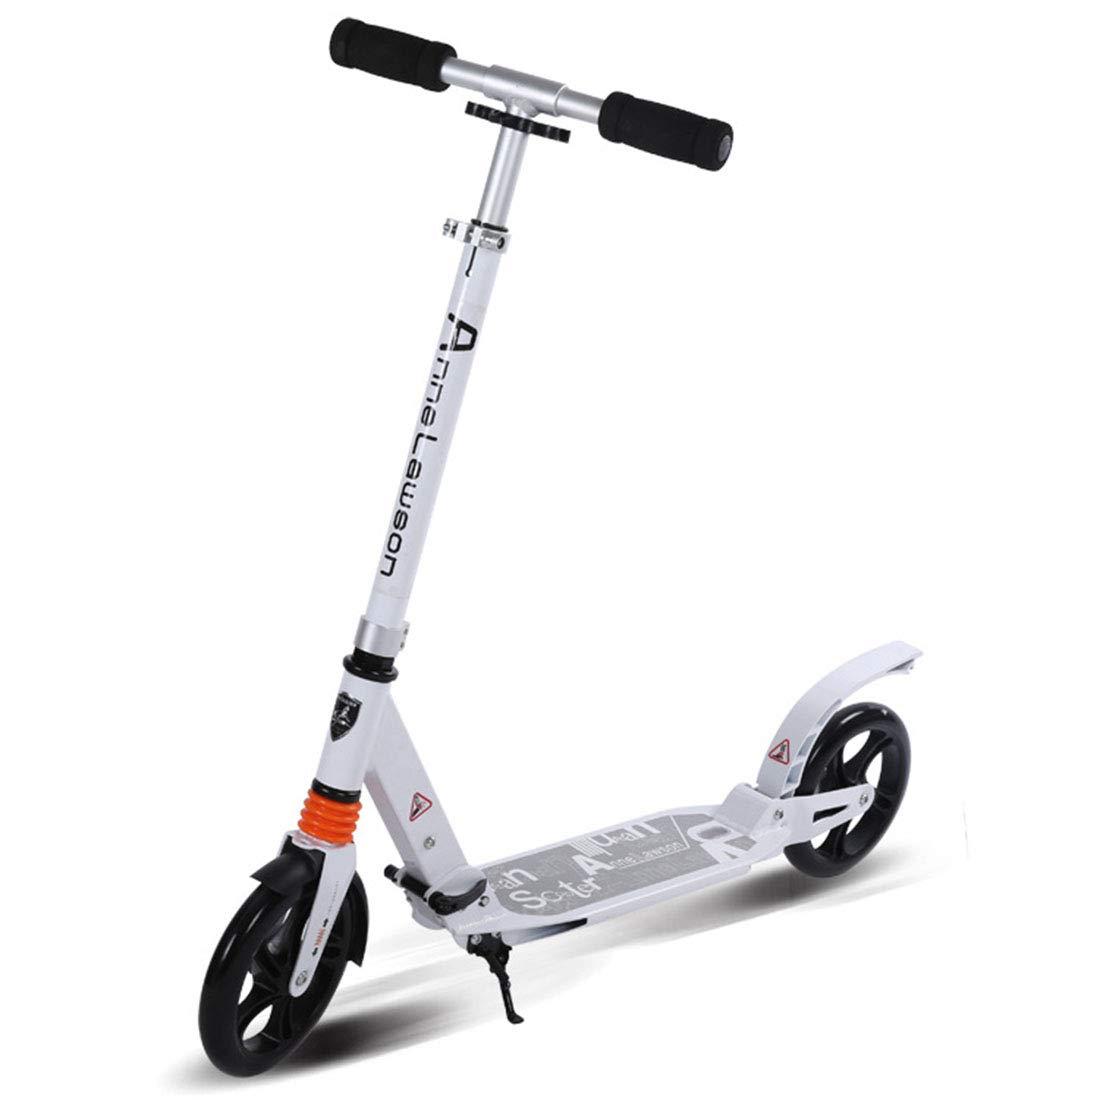 FELICIGG FELICIGG FELICIGG Erwachsener Roller mit Zwei Rädern Aluminium großes Rad zusammenklappbar B07NQ69T8G Skateboards Verrückter Preis 028edc